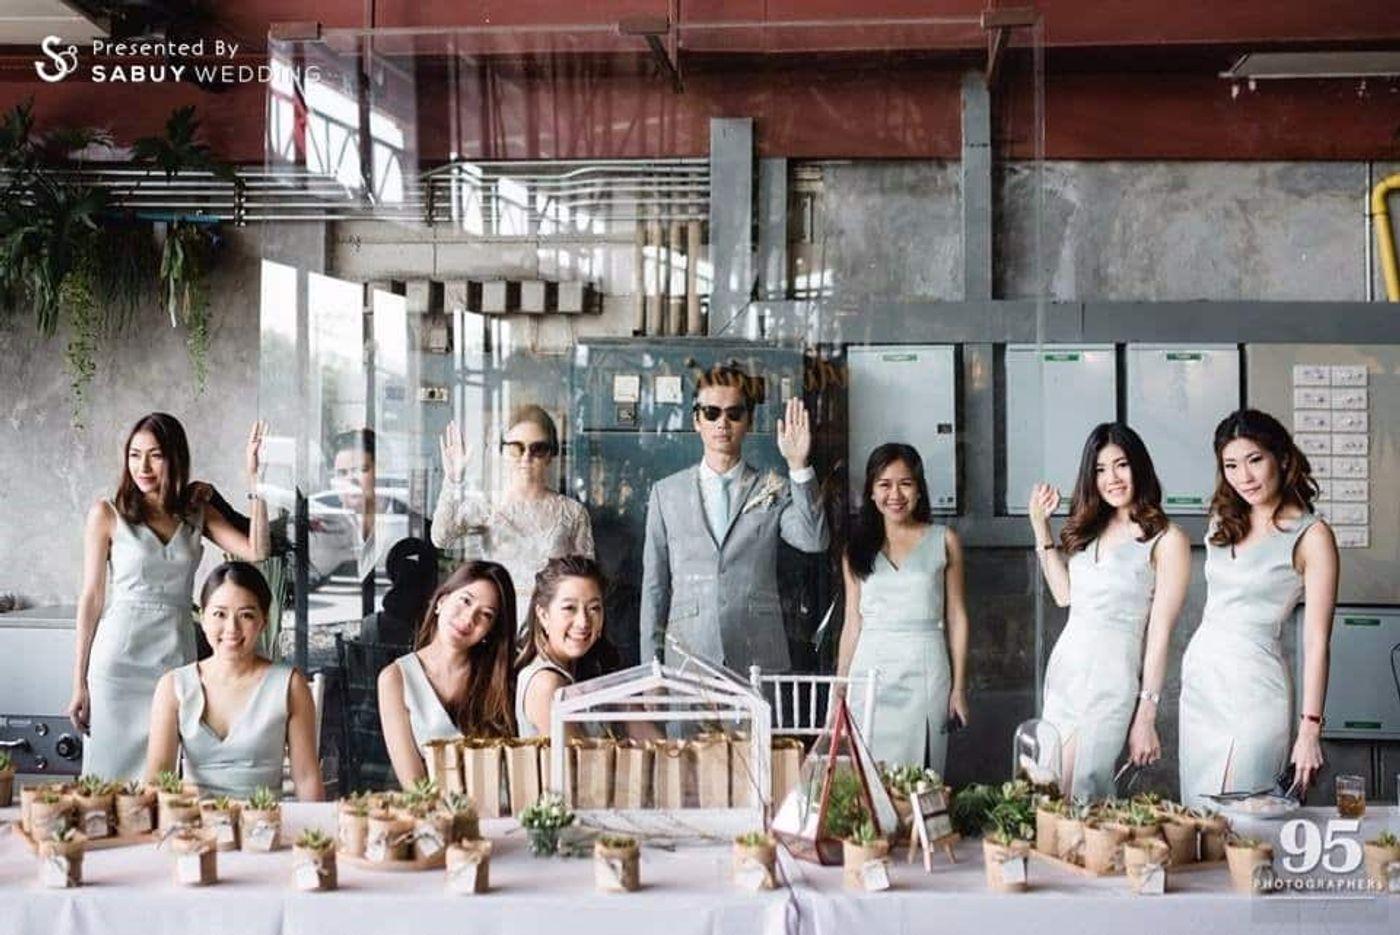 ชุดหมั้น,งานหมั้น,ชุดเพื่อนเจ้าสาว,งานแต่งงาน,ธีมงานแต่ง รีวิวงานแต่ง กิมมิคสนุกทุก Sequence ปังจนเพื่อนยังต้องยกนิ้ว @Vivarium by Chef Ministry